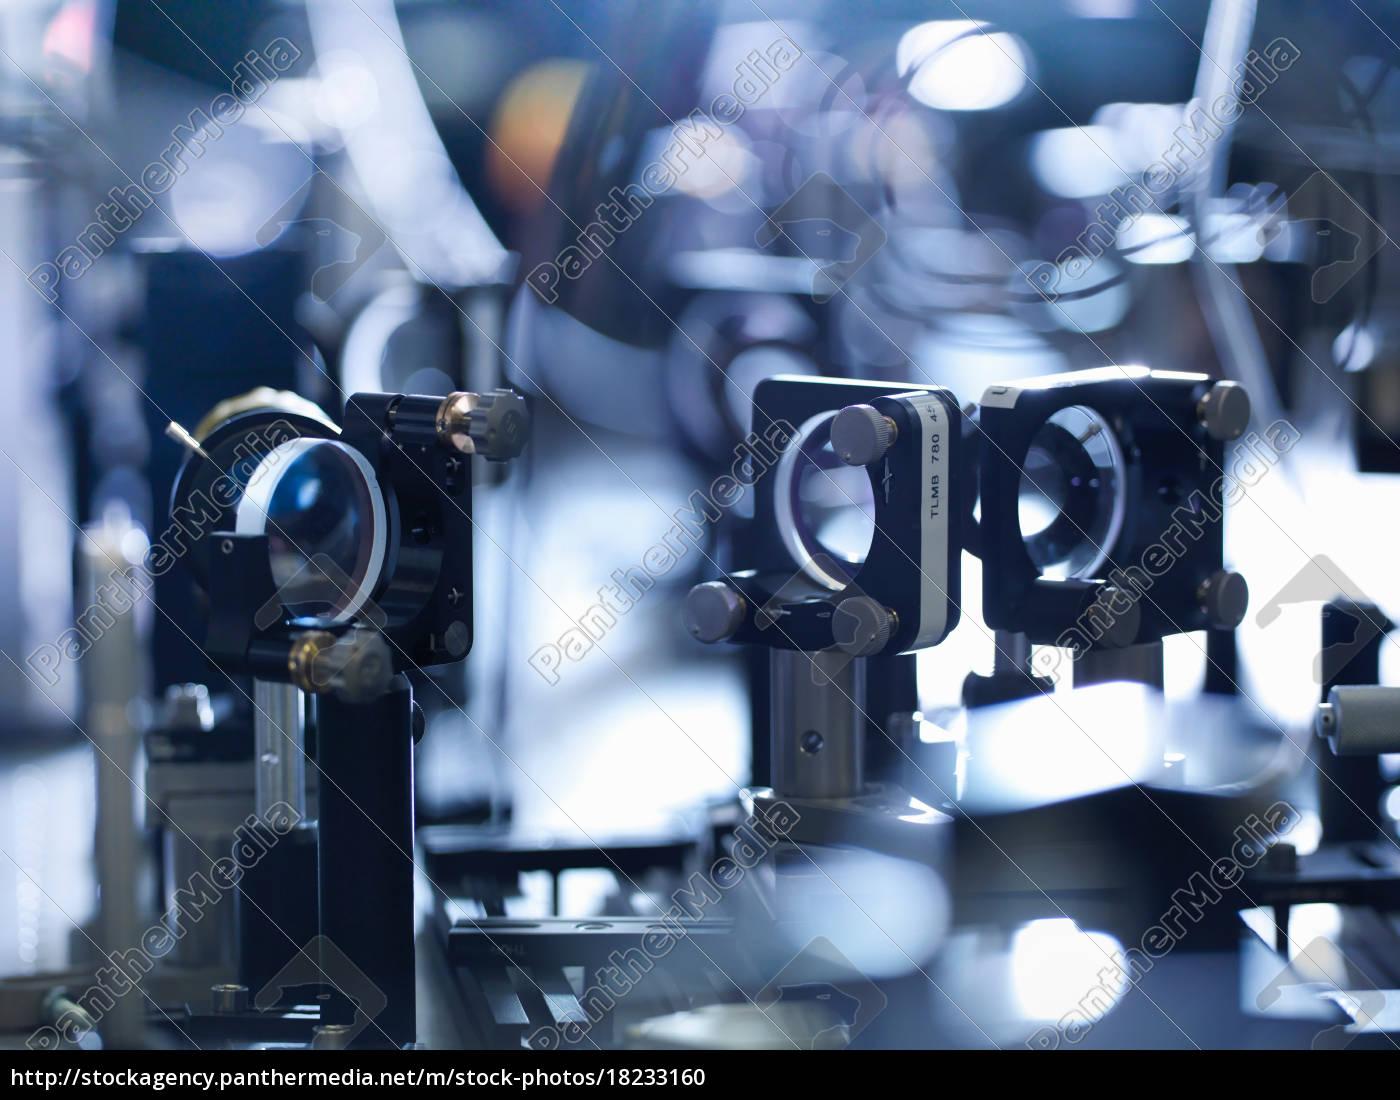 nahaufnahme, von, laserspiegeln, im, wissenschaftlichen, labor - 18233160